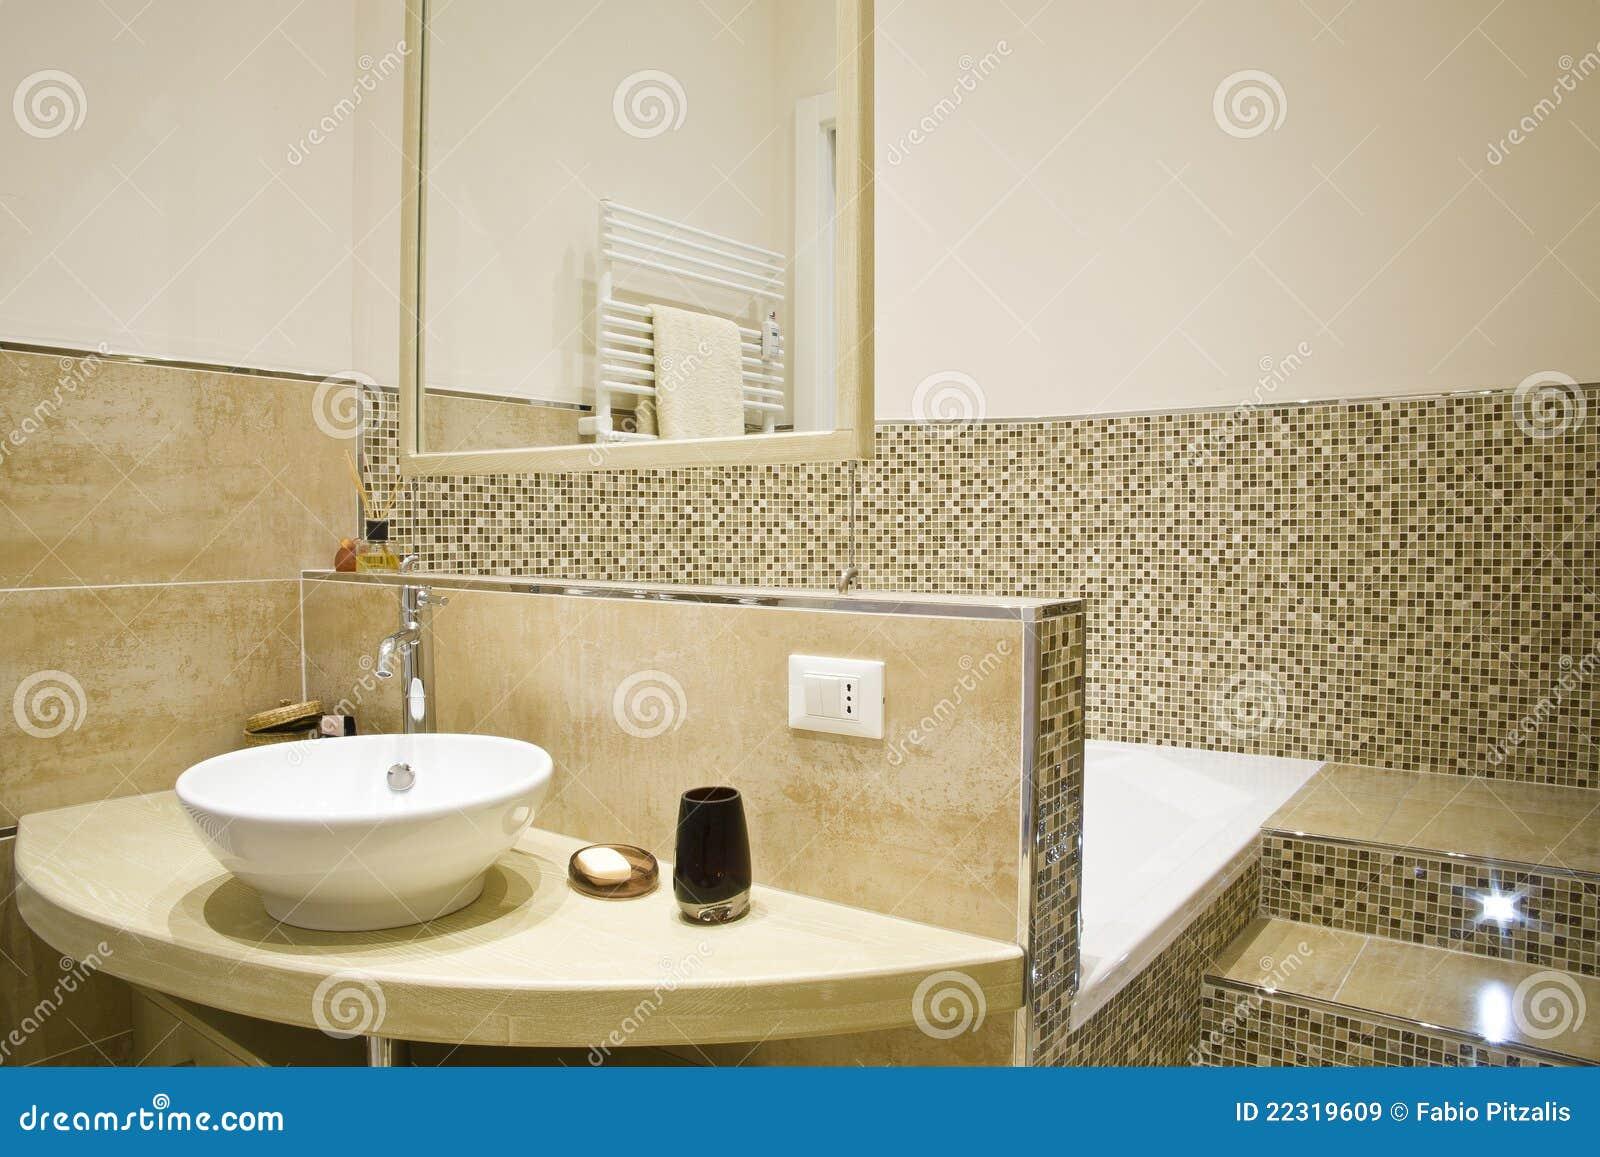 Stanza da bagno moderna immagine stock immagine di staffa 22319609 - Stanza da bagno ...